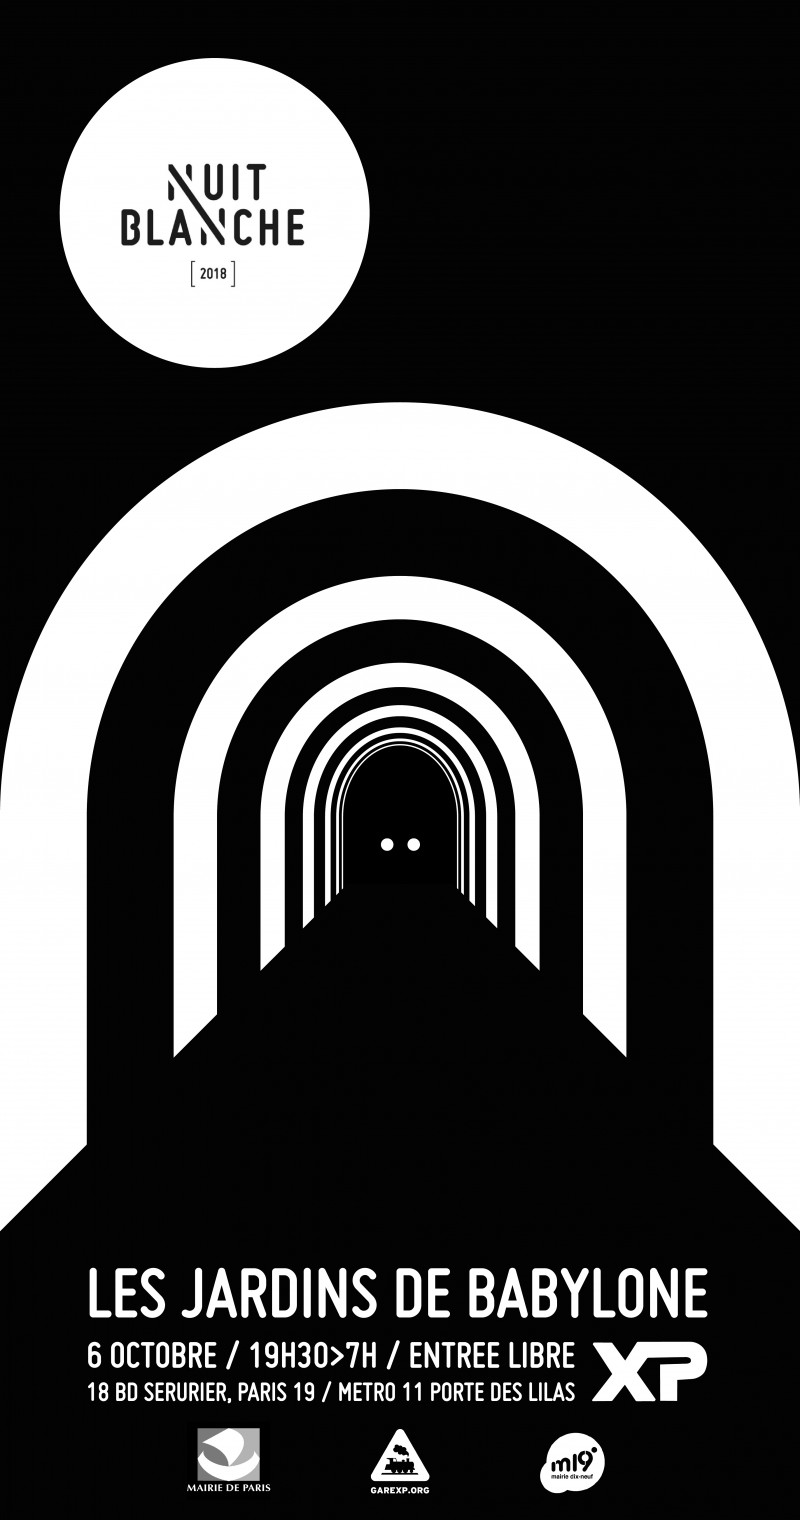 affiche-nuit-blanche-2018-gare-xp-c91966bc8d103f3c5ff765f250686001